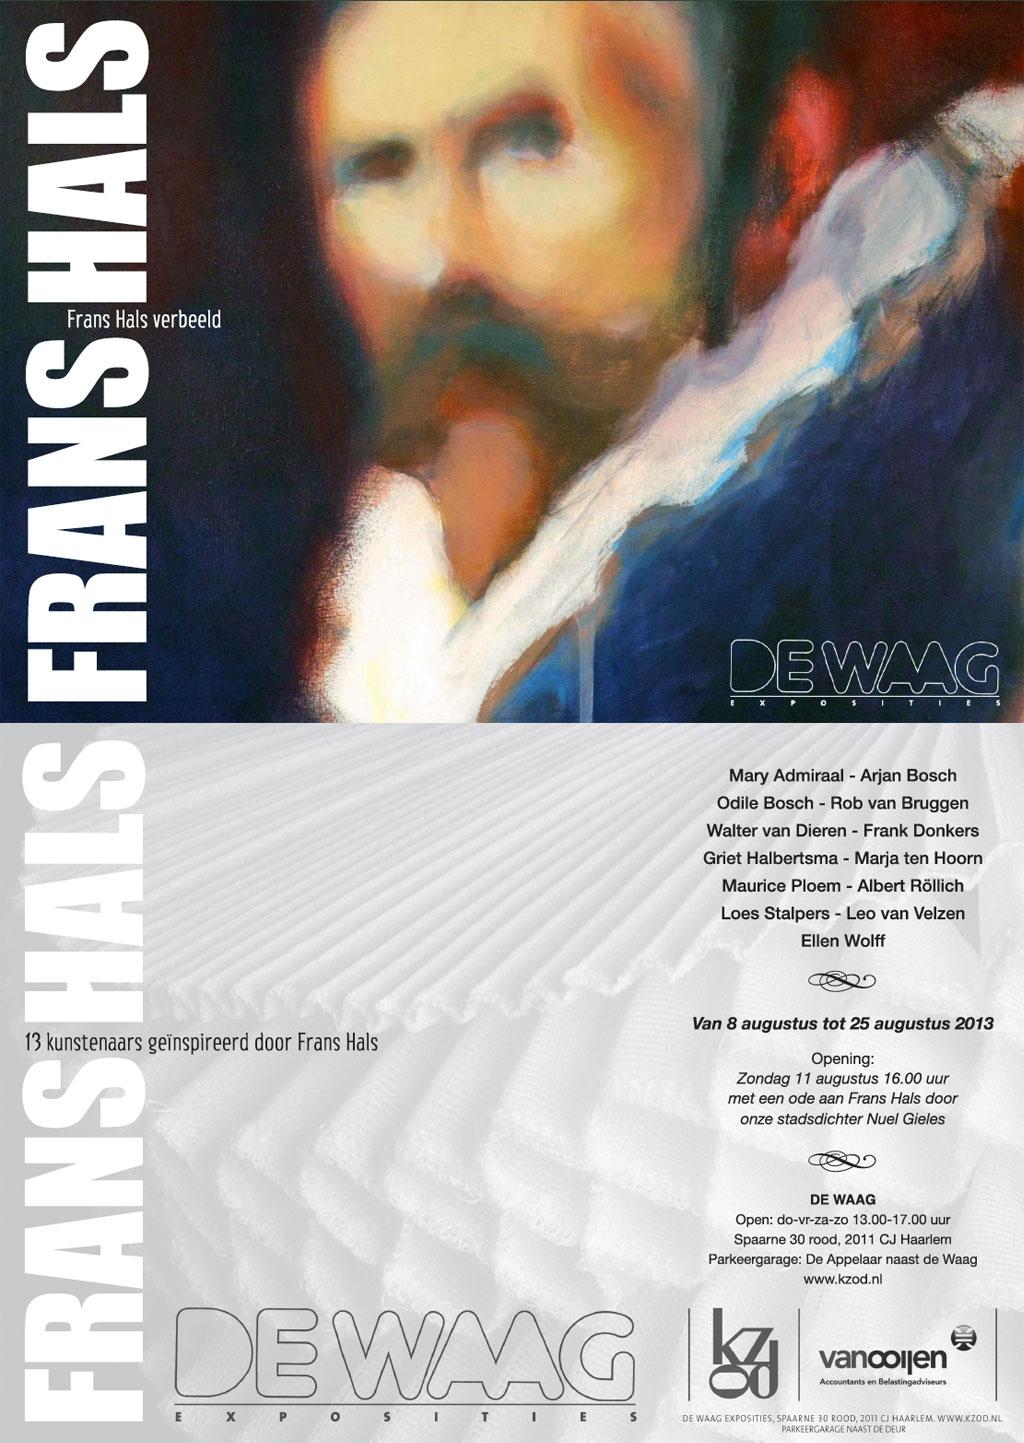 Frans-Hals-Verbeeld-2013-expositie-de-waag